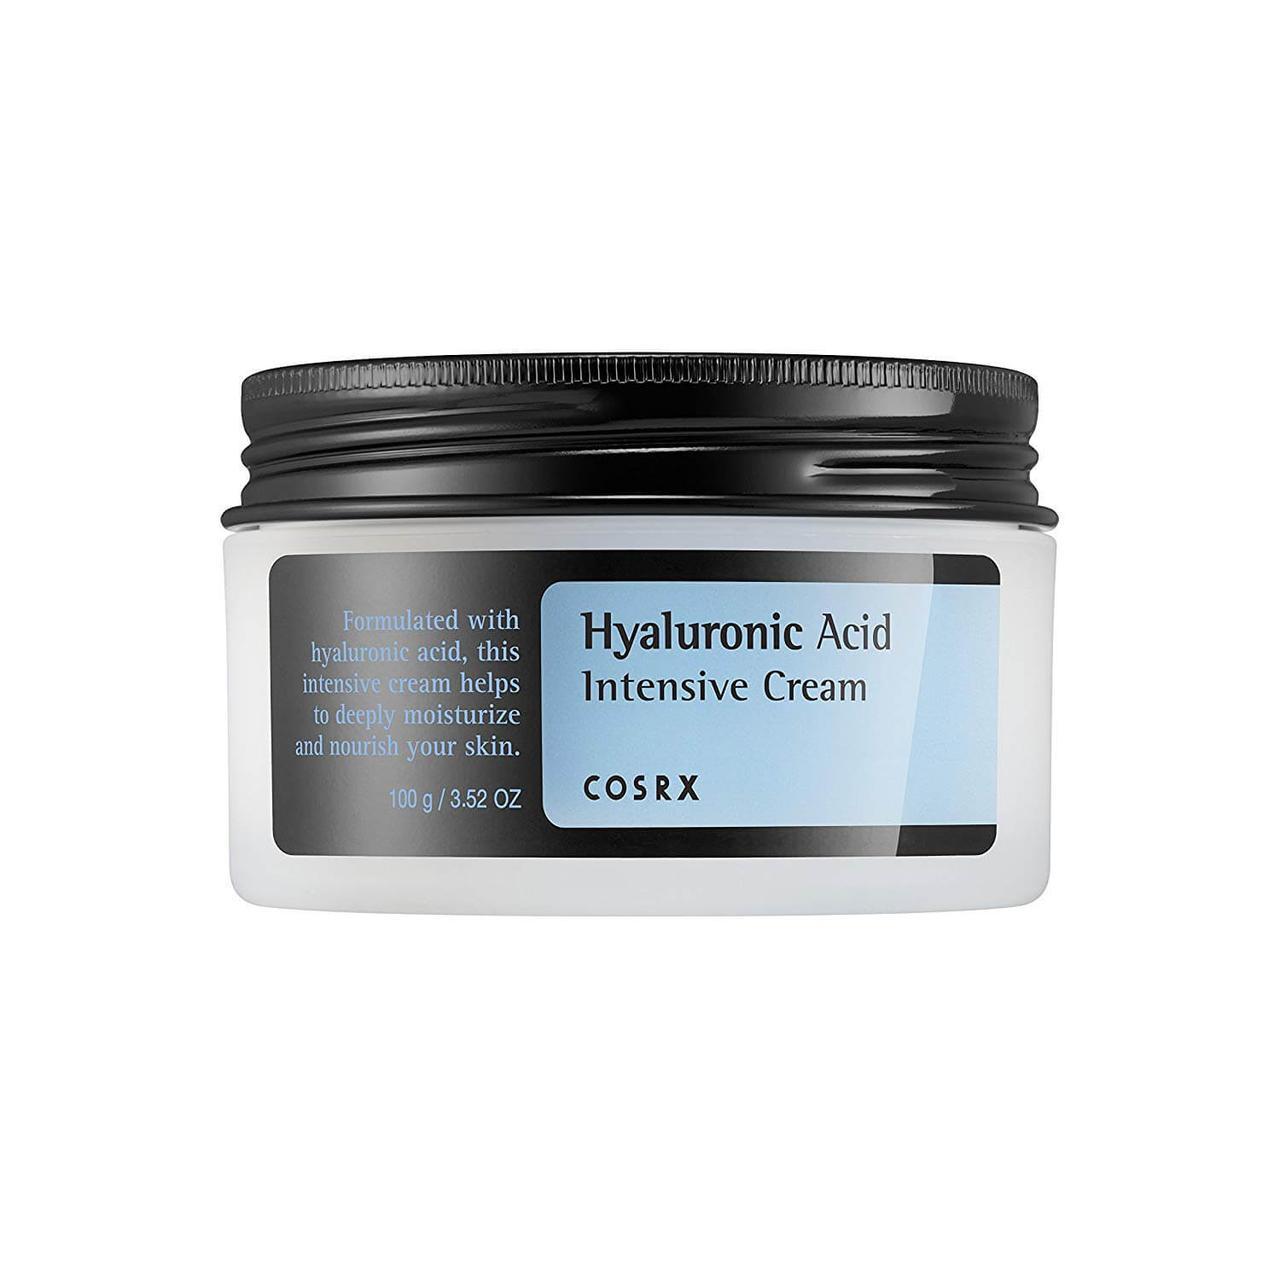 Интенсивный увлажняющий крем для лица, COSRX Hyaluronic Acid Intensive Cream, 100мл